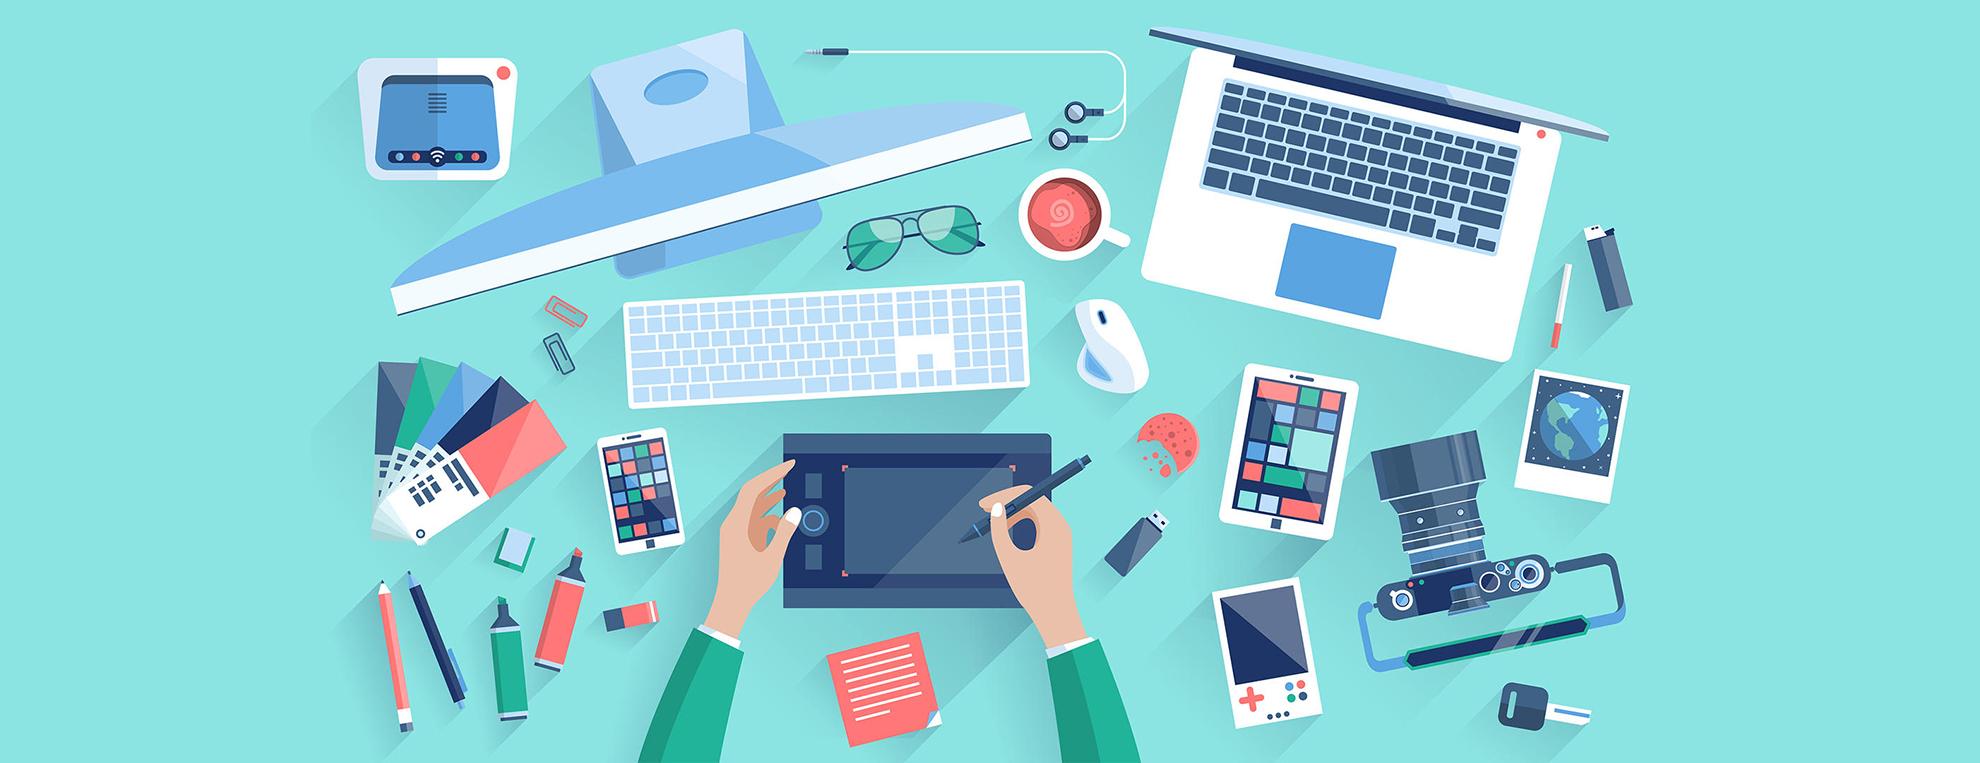 Corso web design Roma - Corso Web Design Nettuno, Anzio: un corso web design base per imparare a realizzare siti web